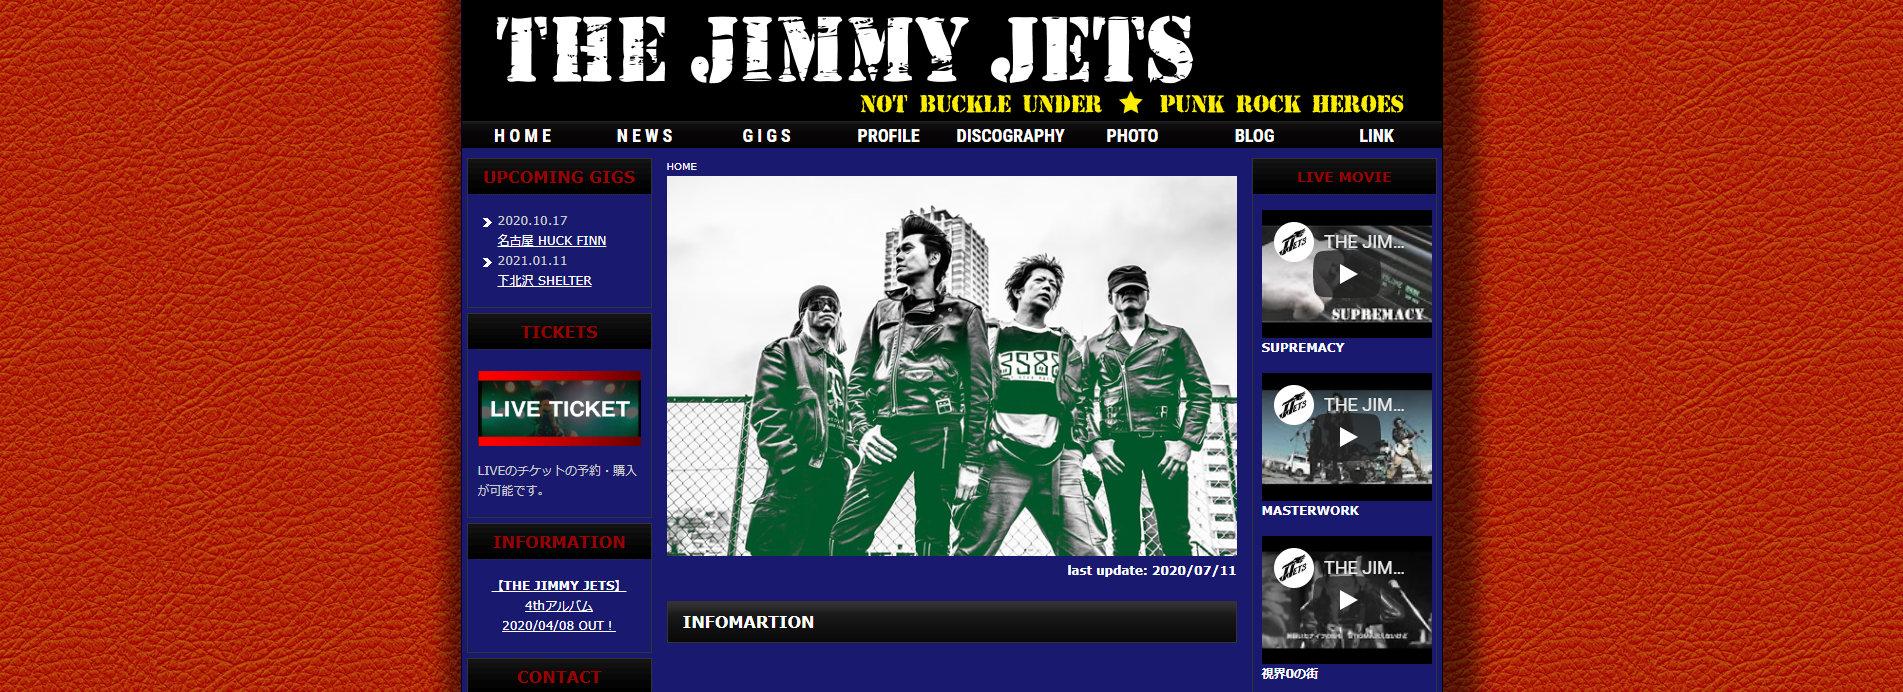 THE JIMMY JETS